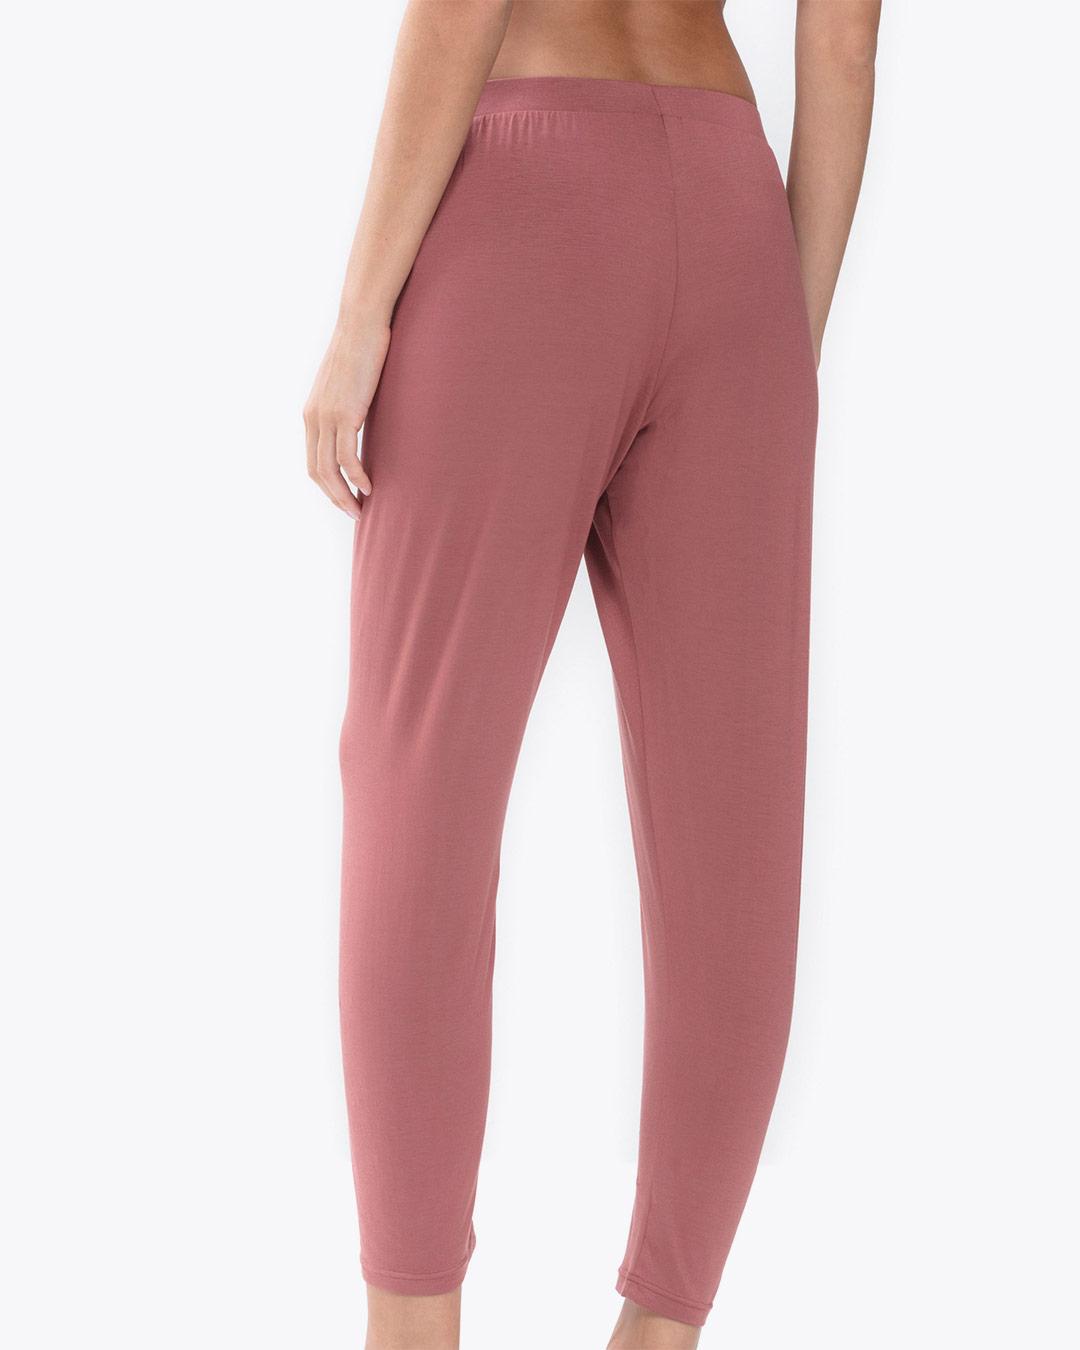 mey-serie-alena-pant-02-dianes-lingerie-vancouver-1080x1350